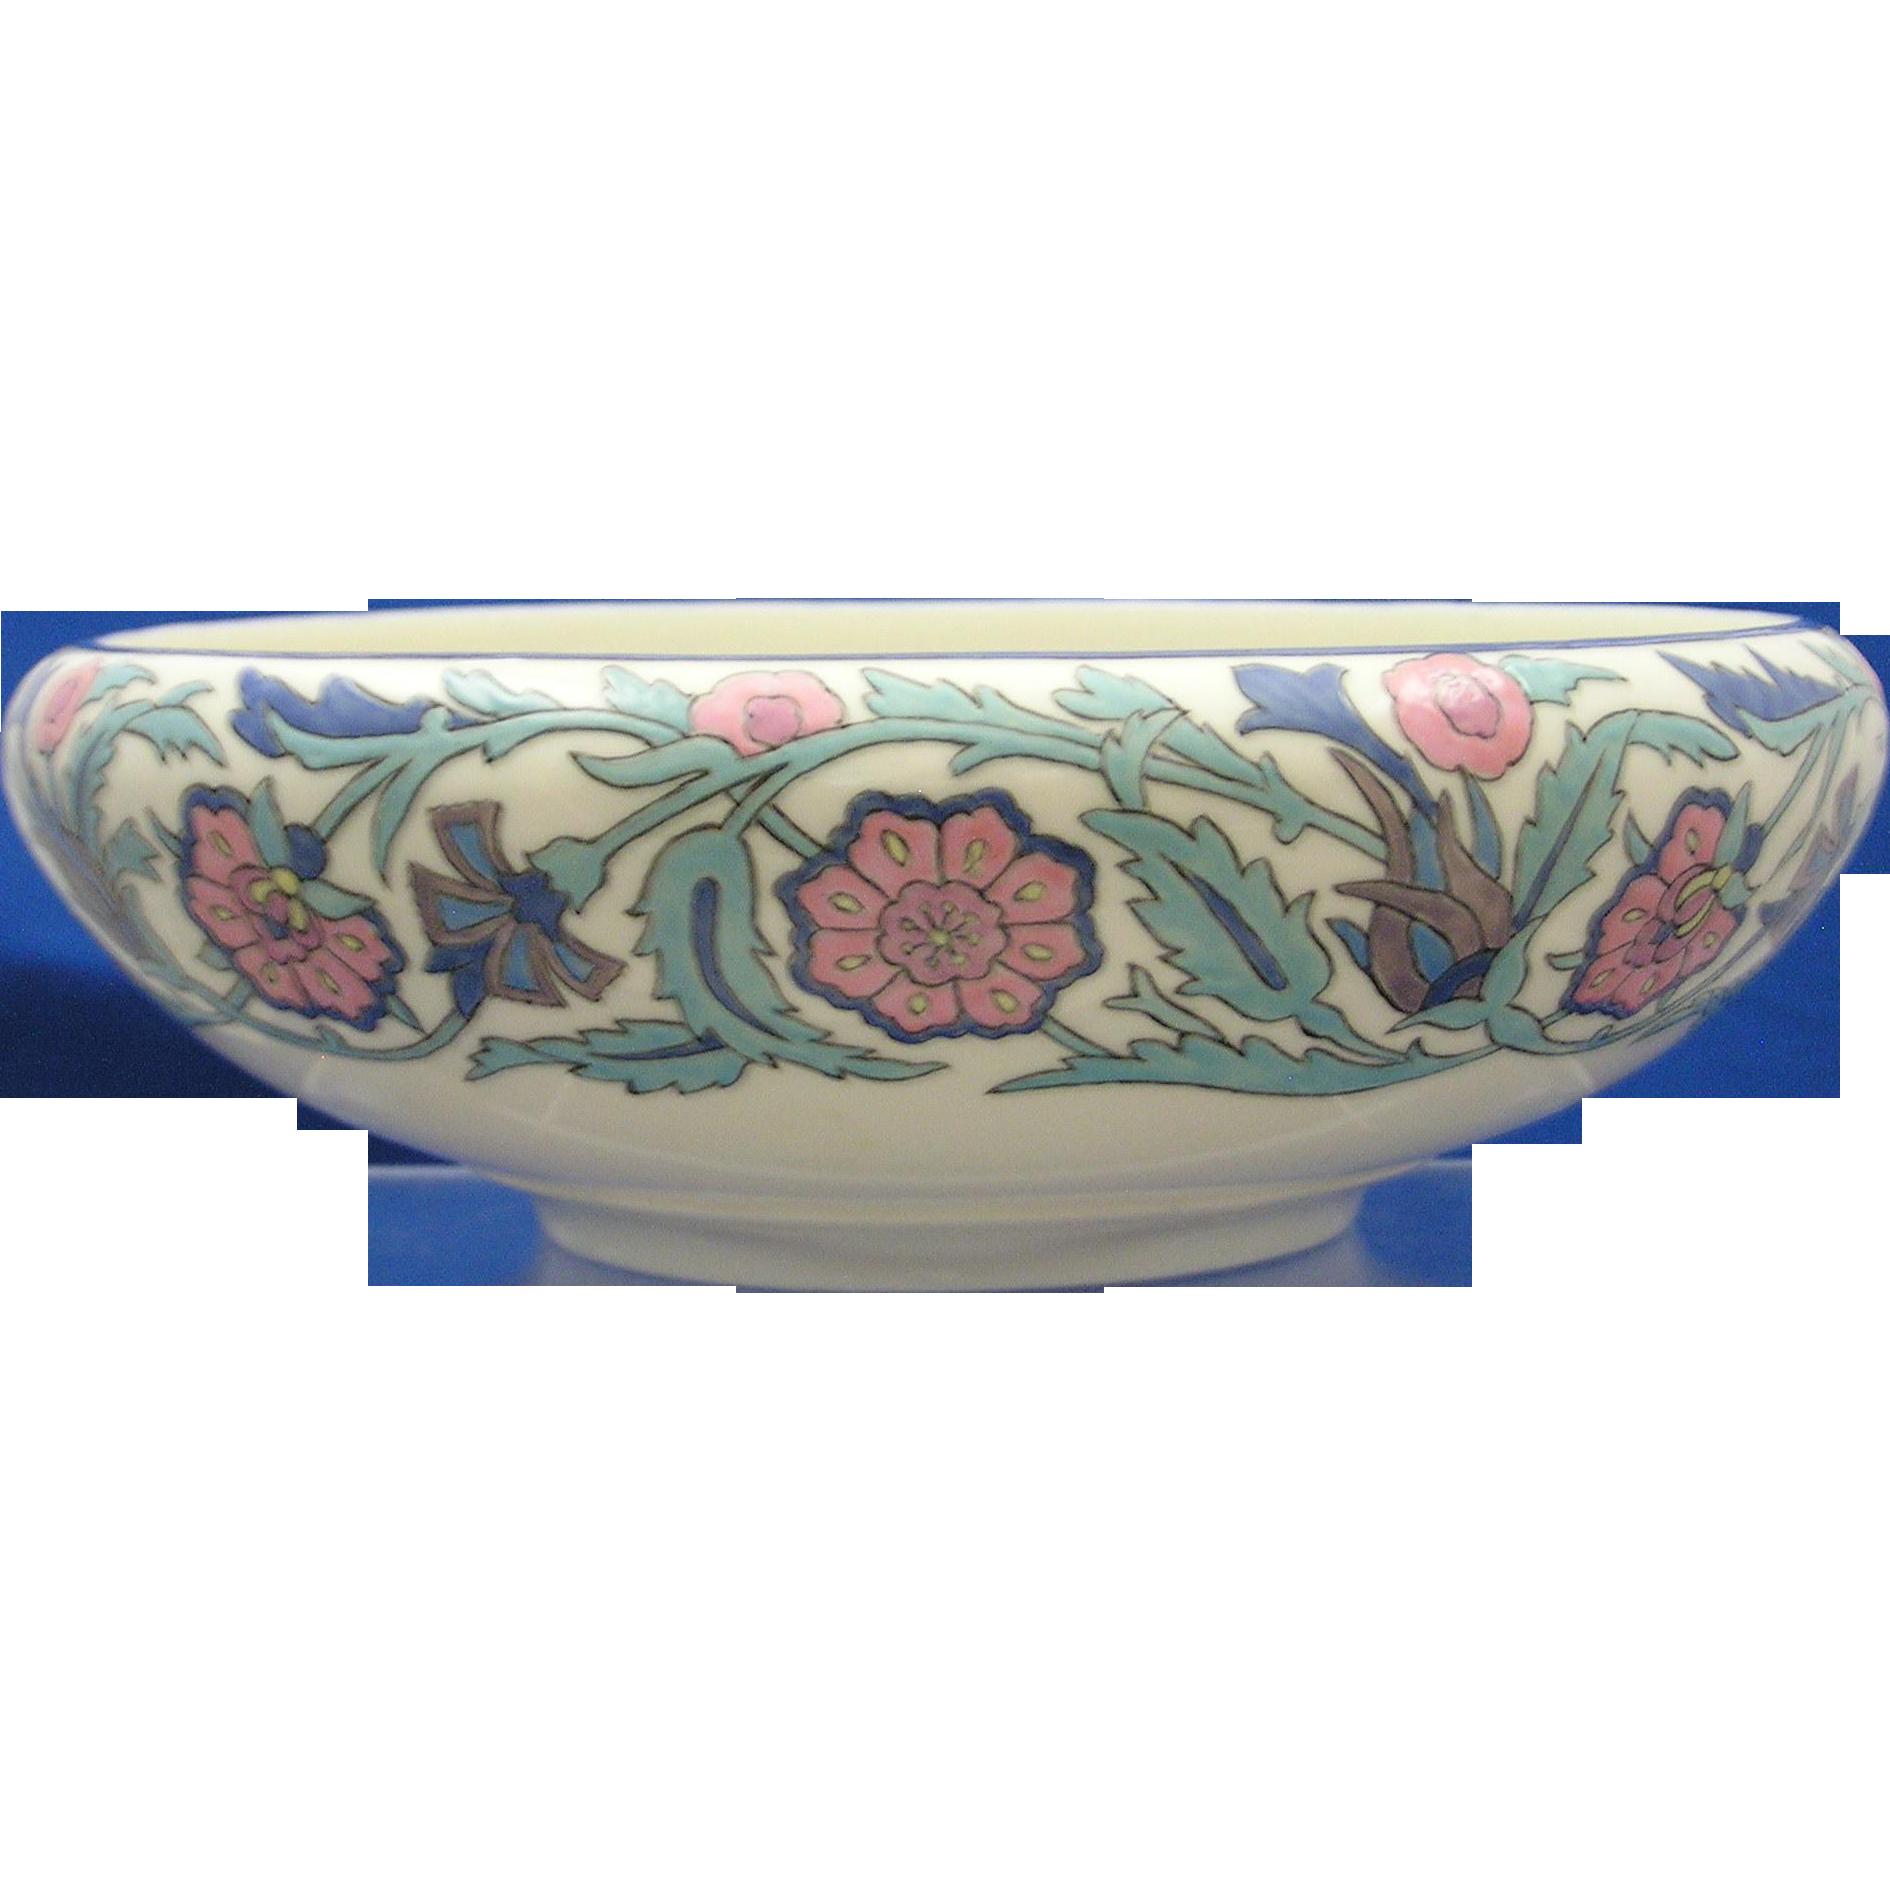 Willets Belleek Arts & Crafts Enameled Floral Motif Bowl (c.1879-1912)